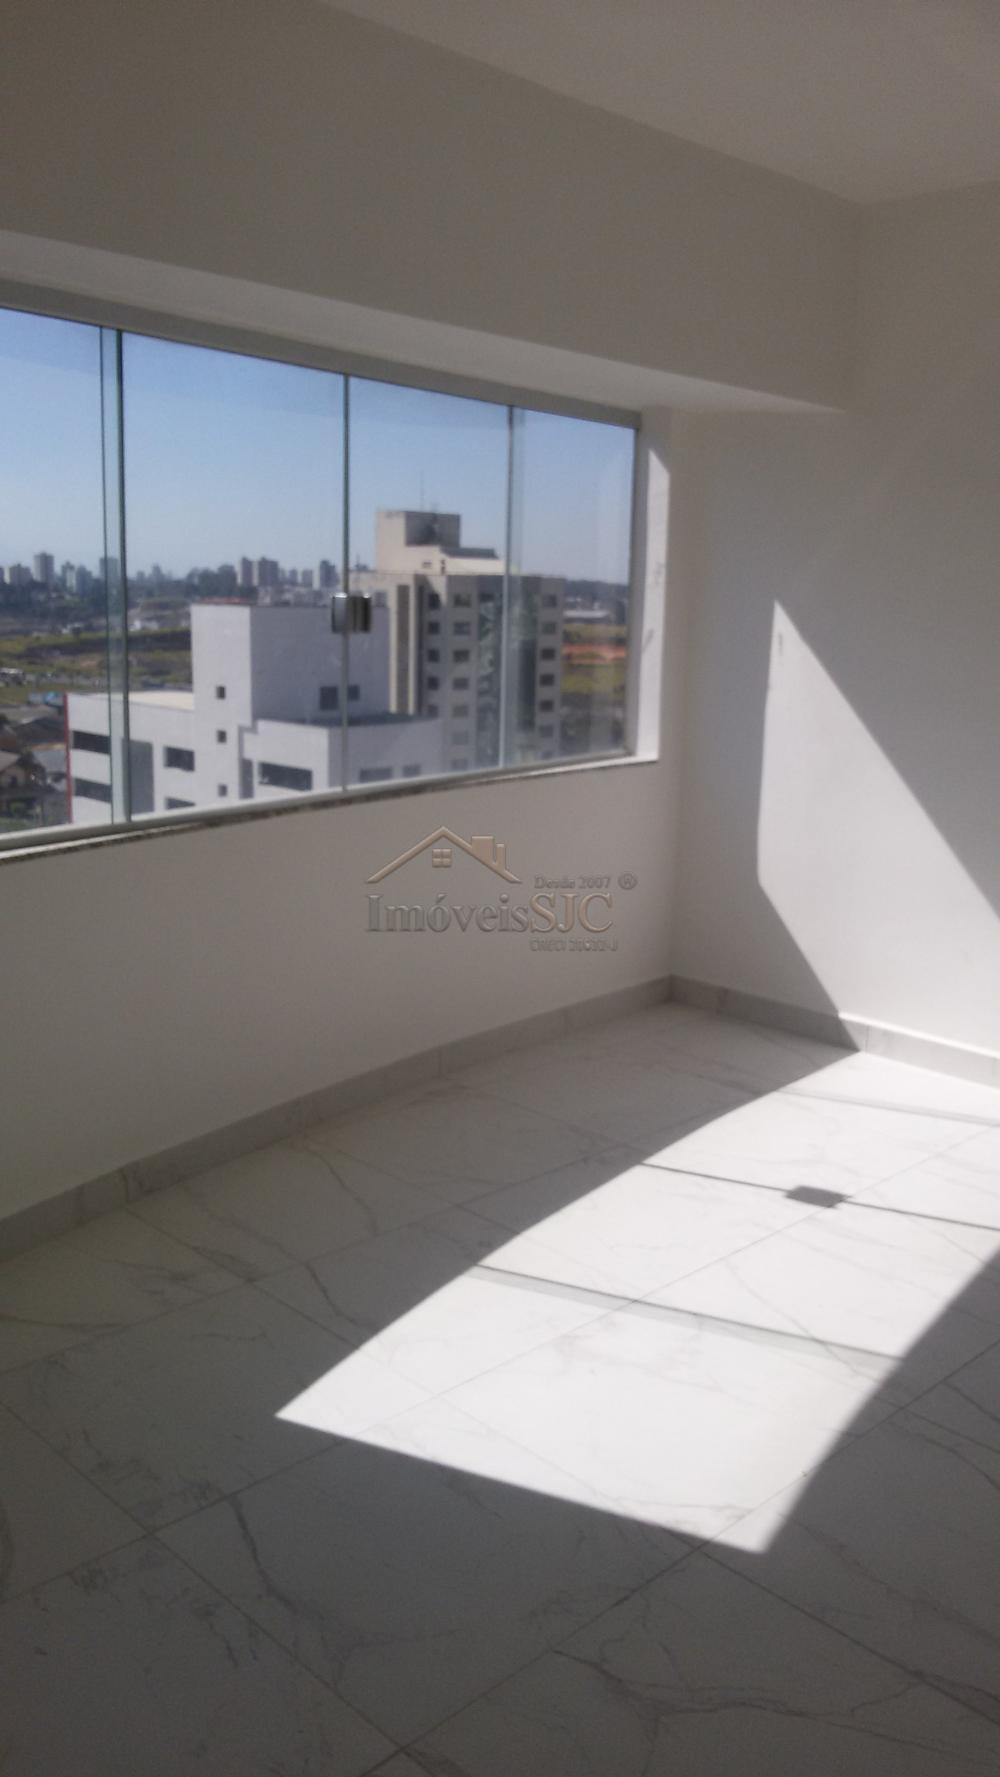 Alugar Comerciais / Sala em São José dos Campos apenas R$ 900,00 - Foto 4